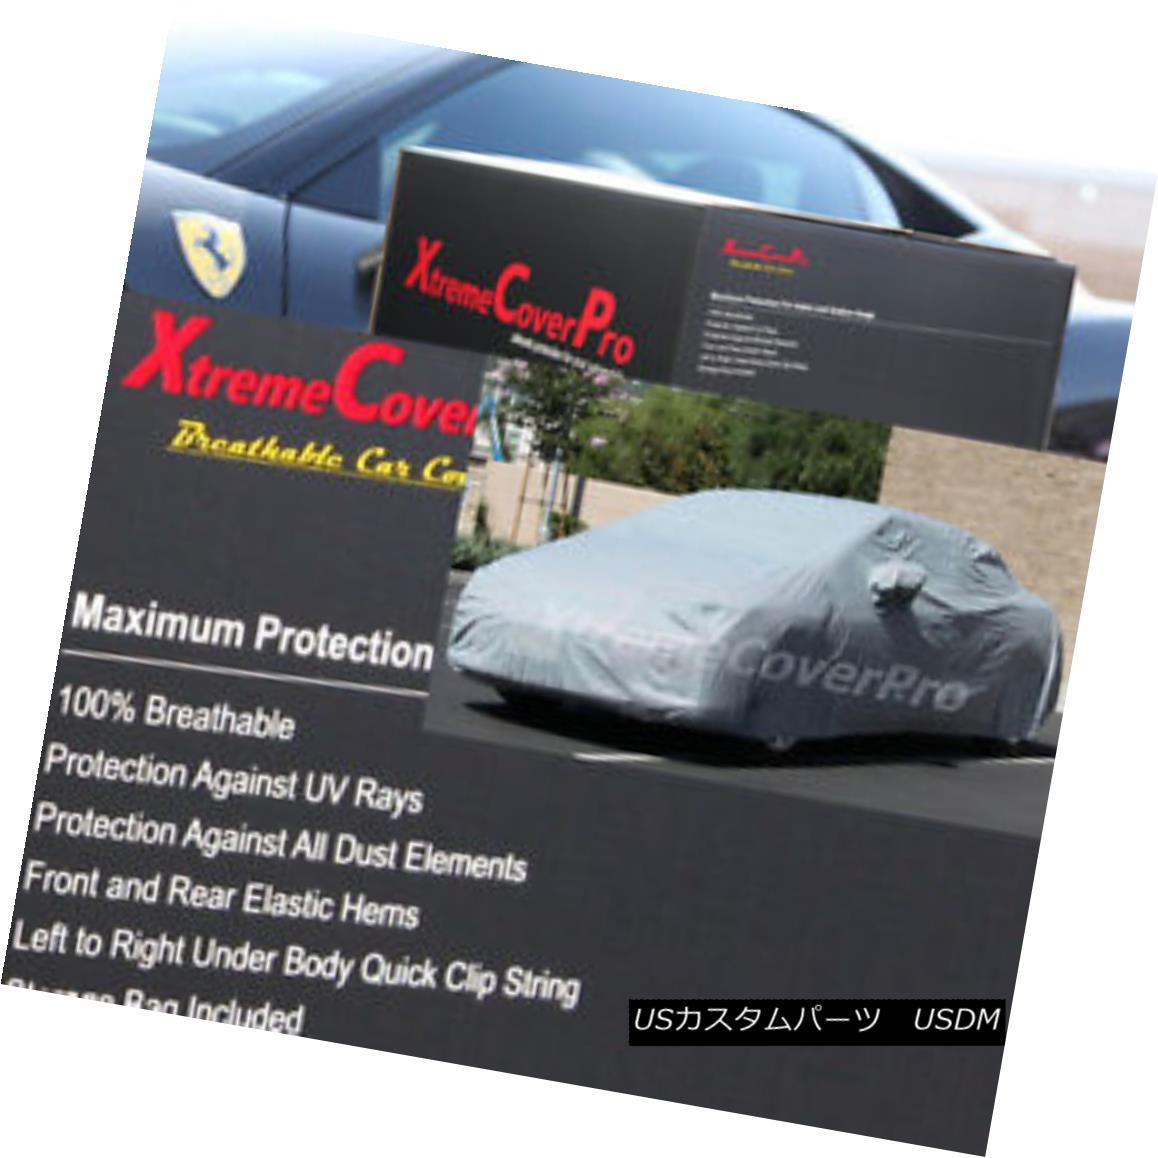 カーカバー 2013 Chevy Sonic Hatchback Breathable Car Cover w/MirrorPocket 2013シボレーソニックハッチバック通気性の車カバー/ミラーポケット